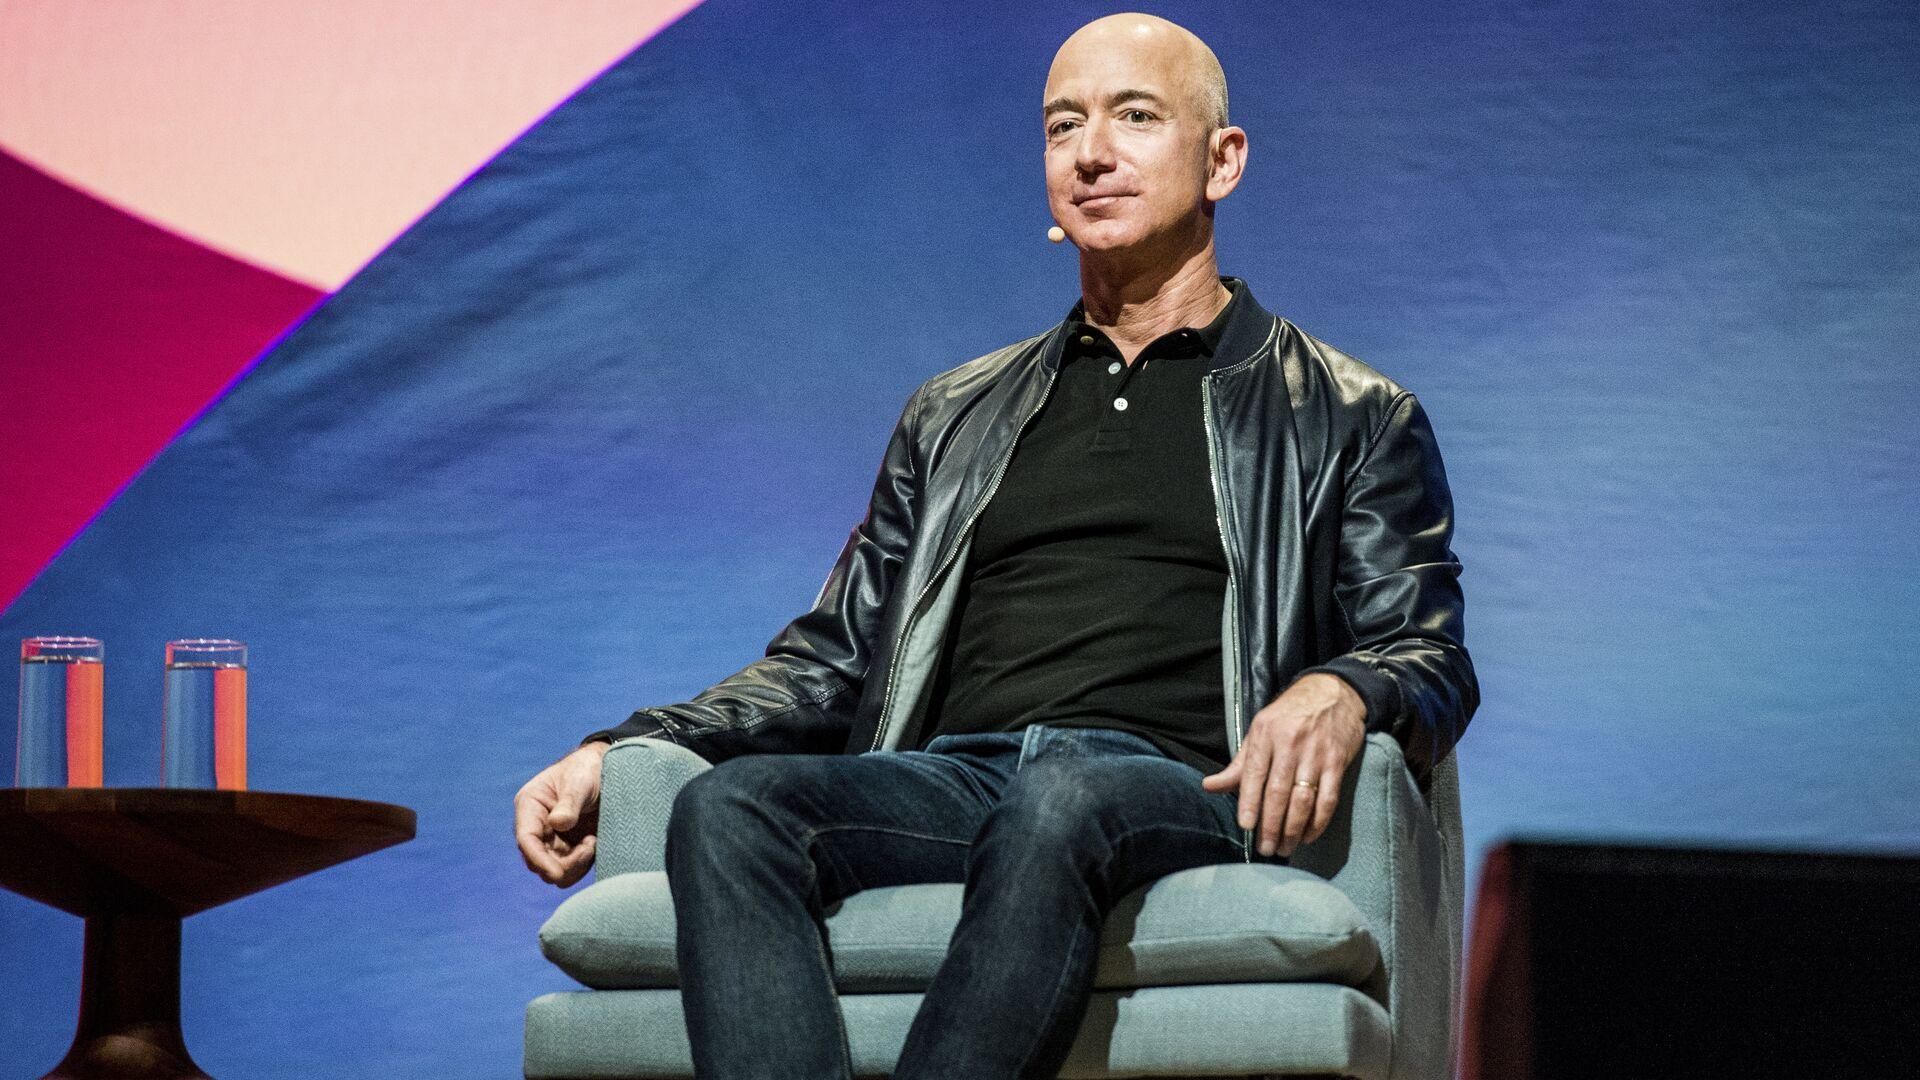 Генеральный директор Amazon Джефф Безос в Лос-Анджелесе - РИА Новости, 1920, 07.06.2021